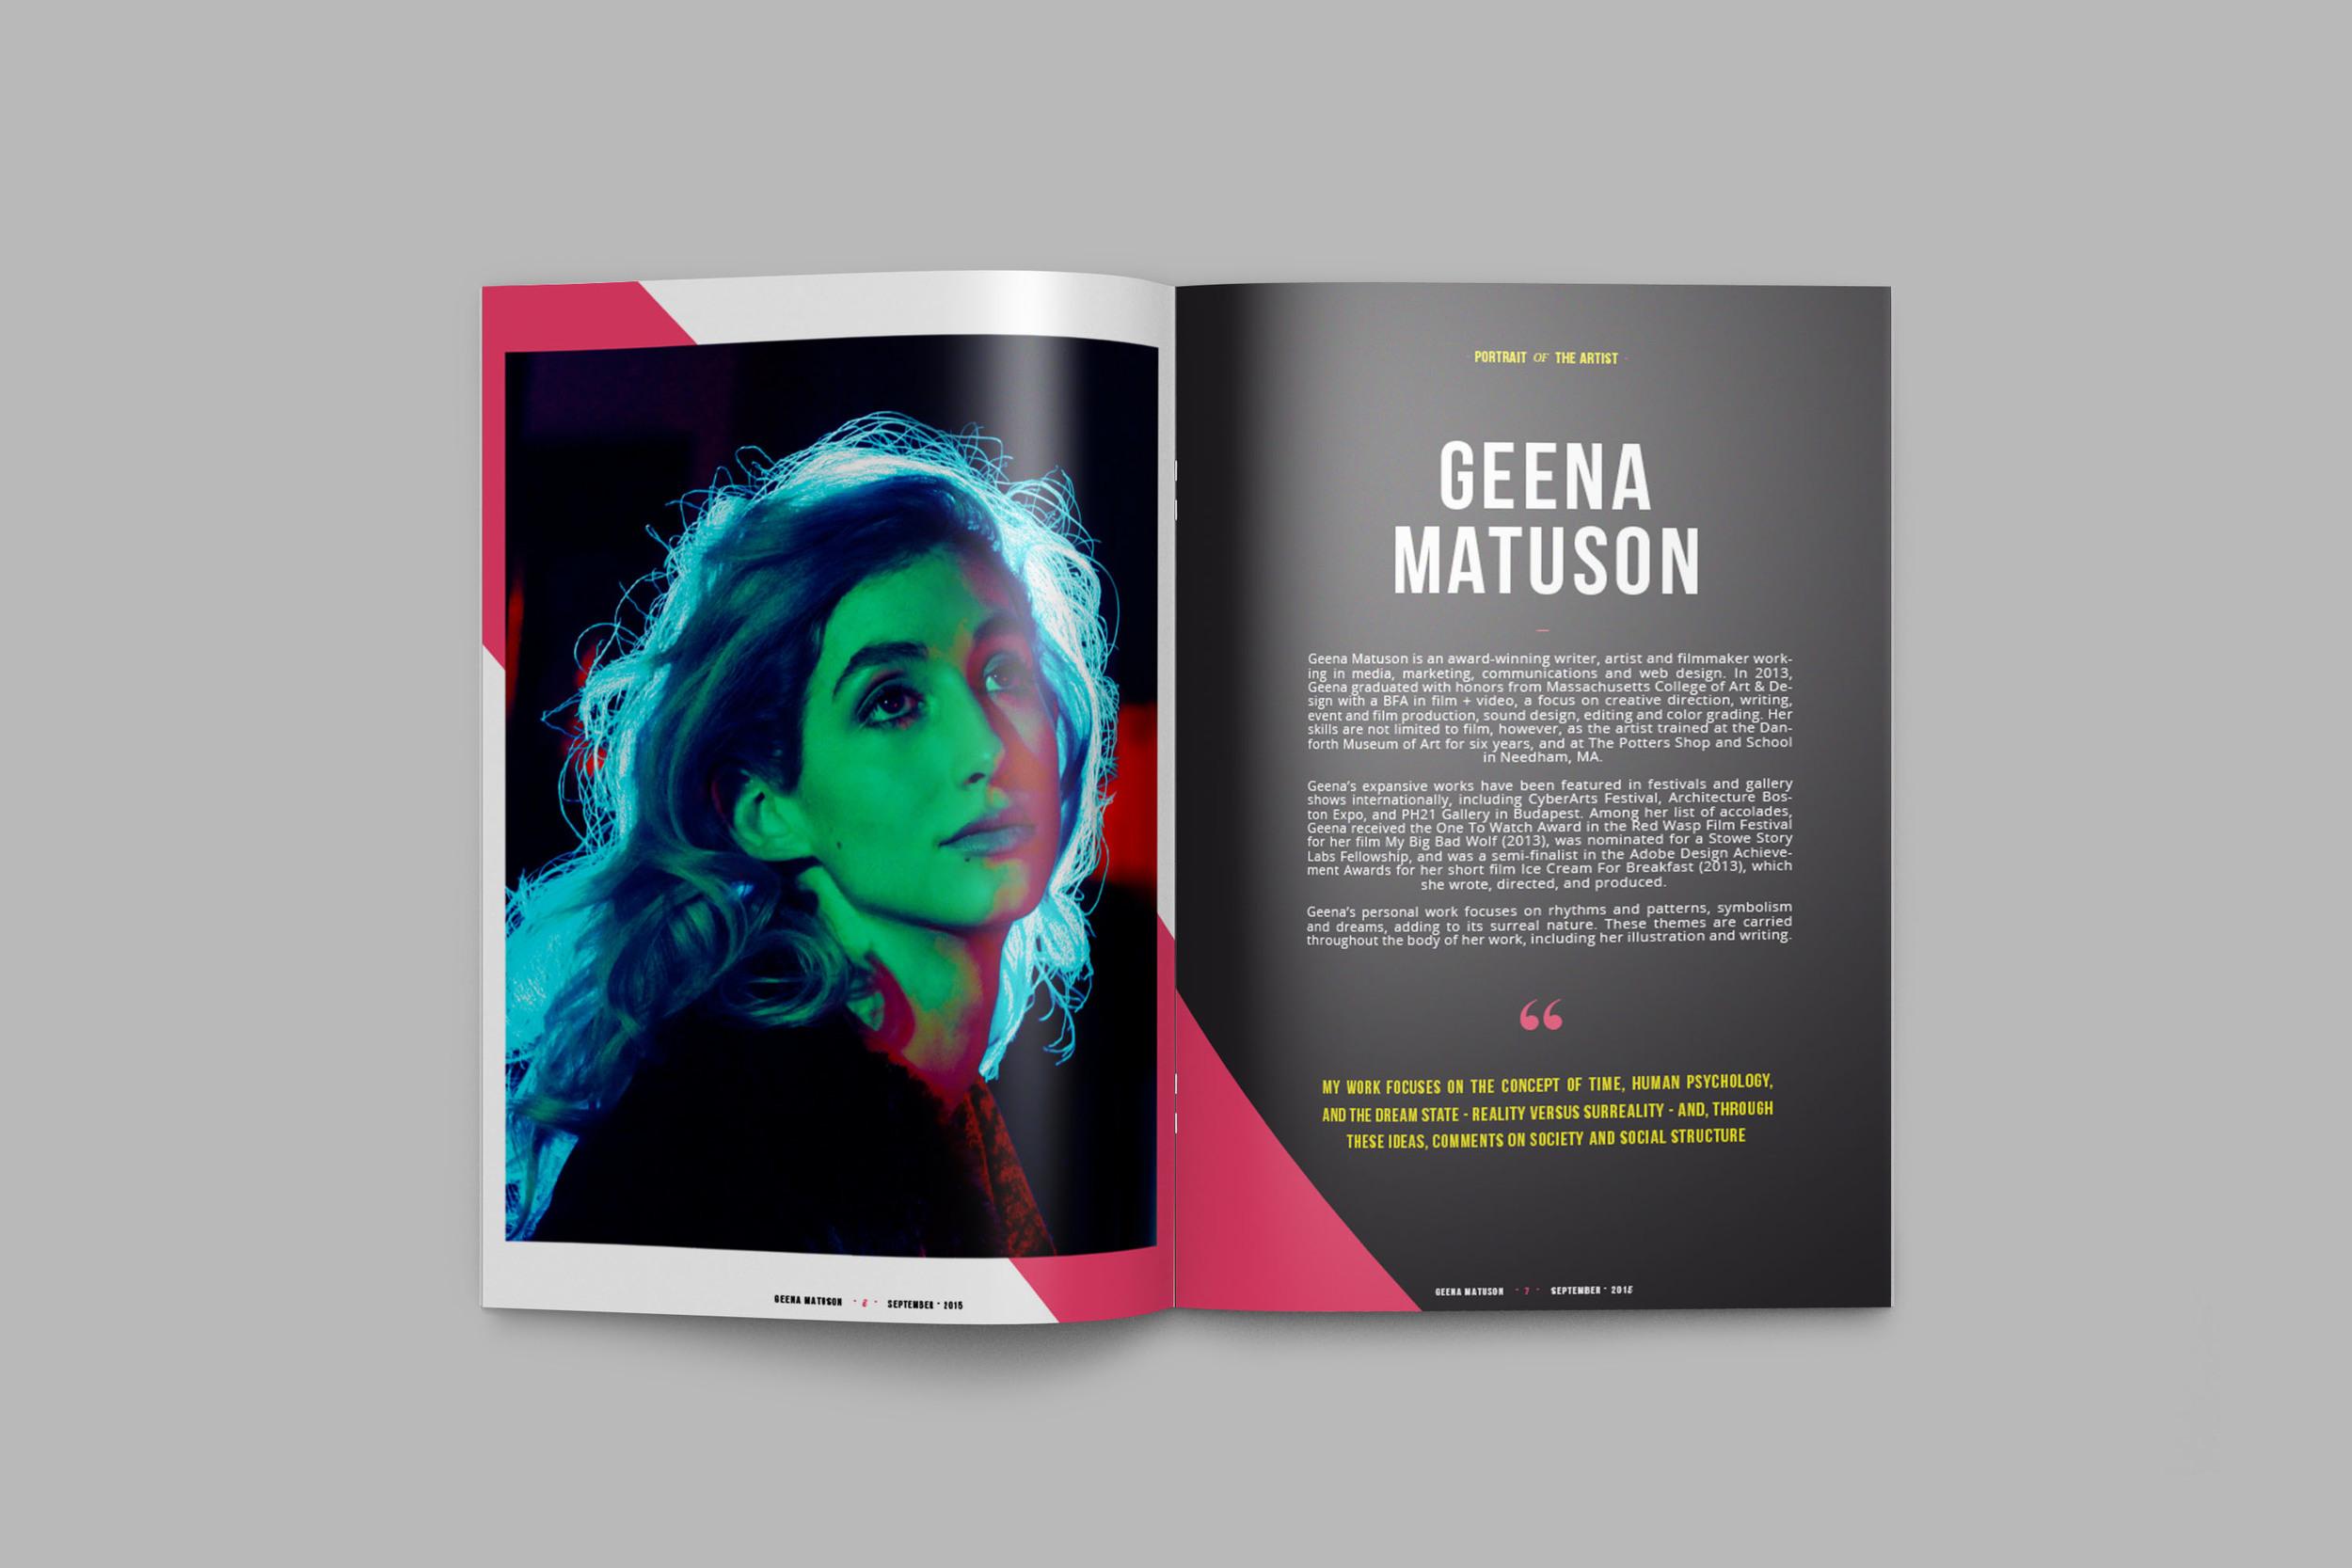 GeenaMatuson_Magazine_Sept2015_Pages_6-7.jpg